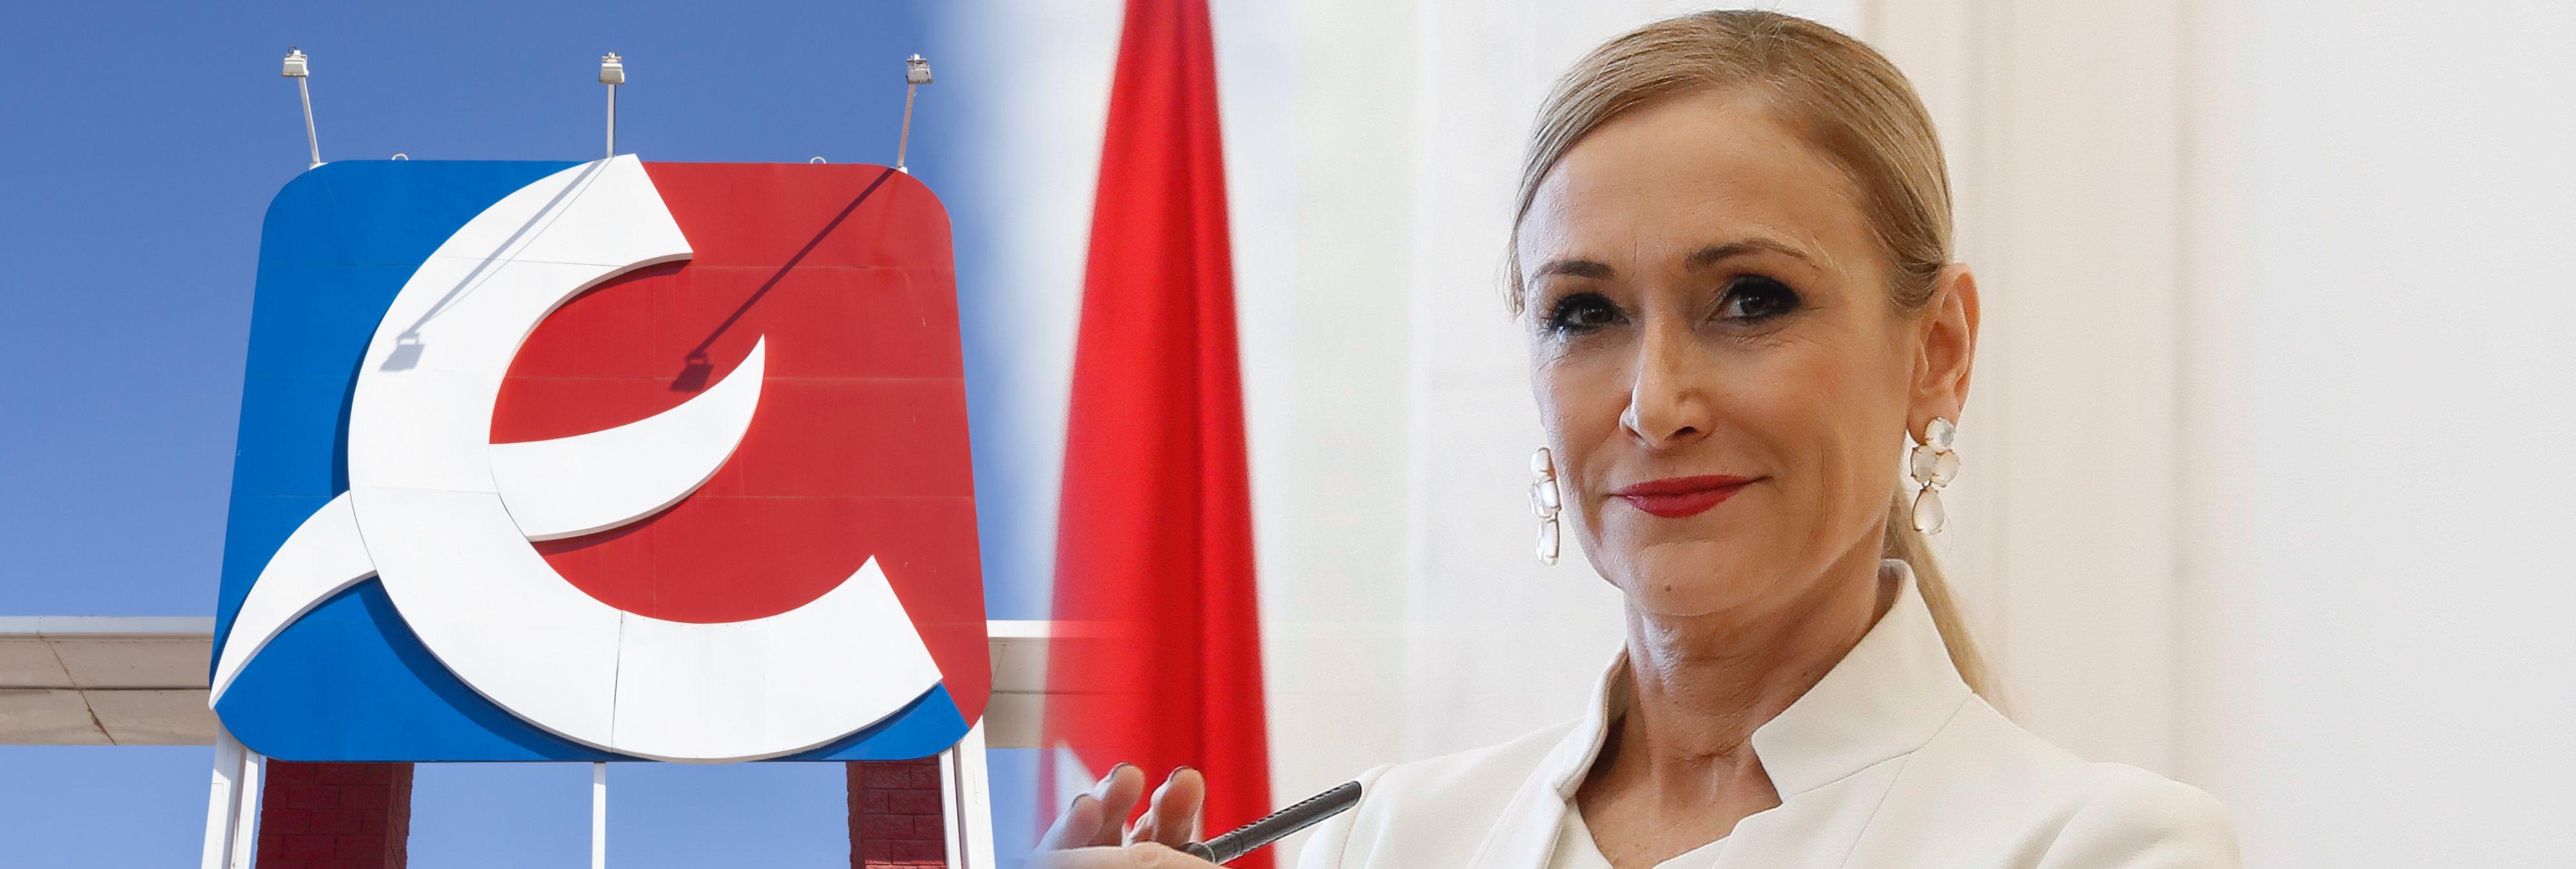 150.000 euros de multa a Eroski por la difusión del vídeo de Cifuentes robando cremas